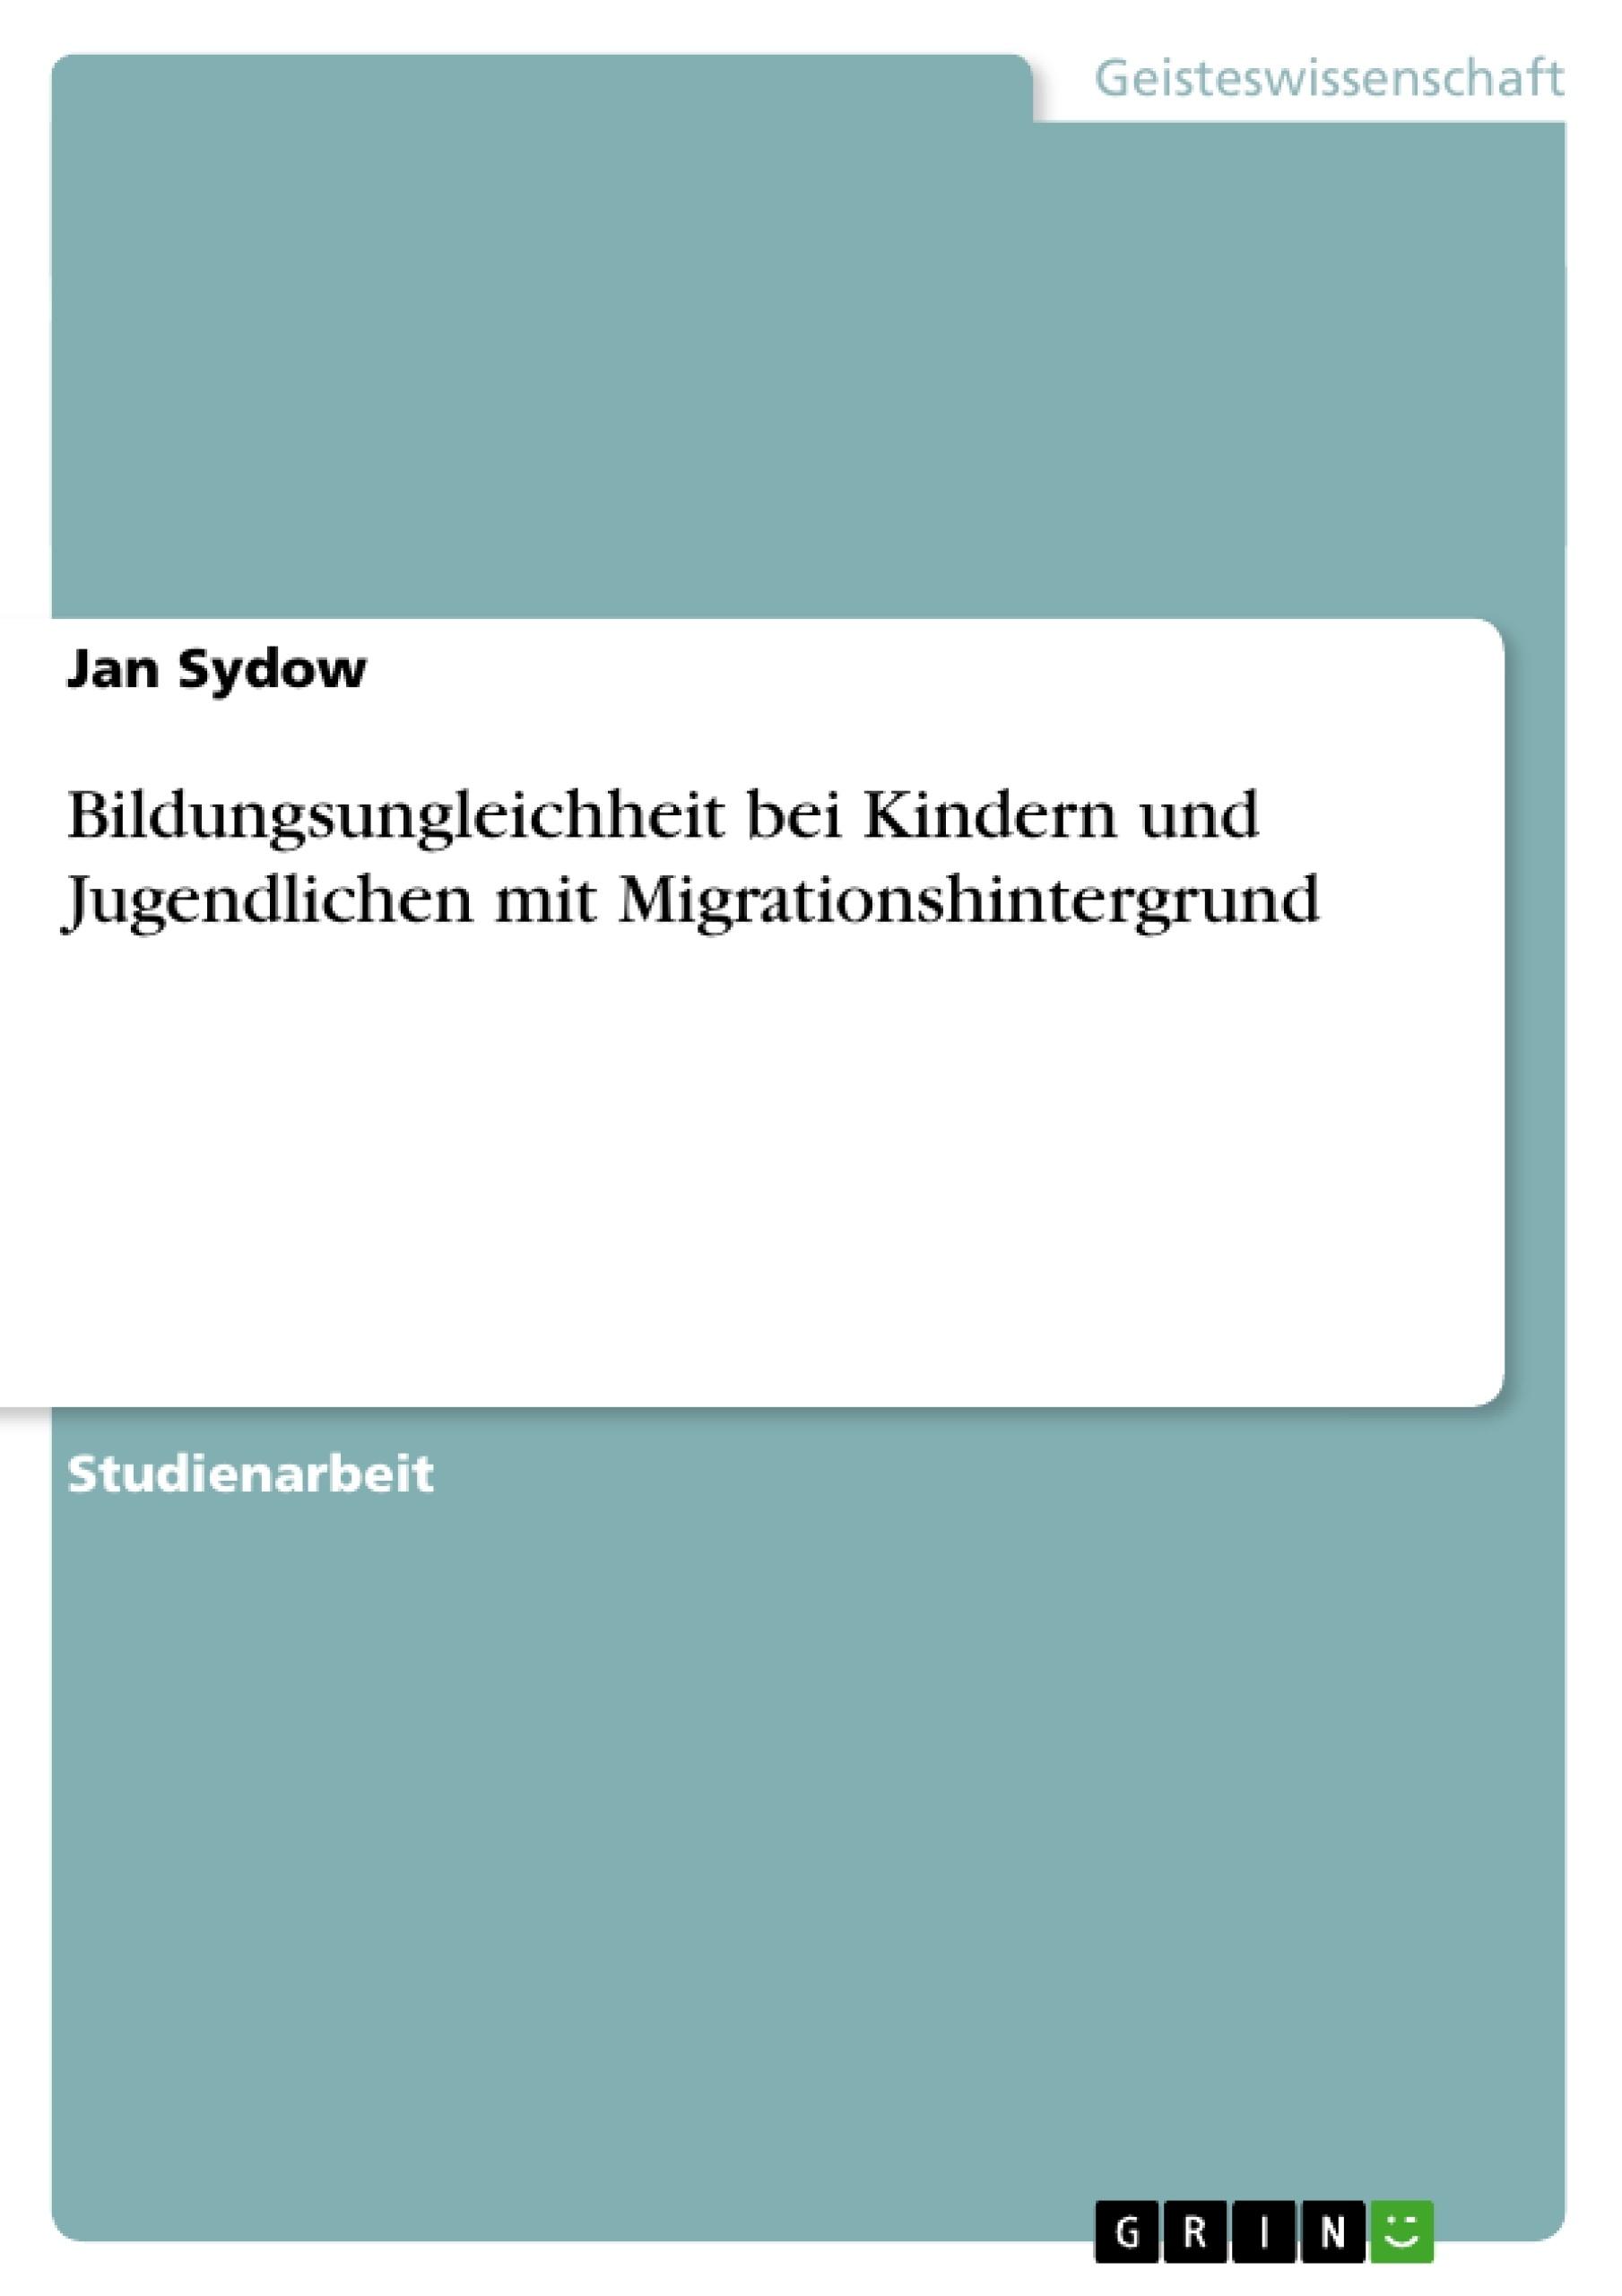 Titel: Bildungsungleichheit bei Kindern und Jugendlichen mit Migrationshintergrund